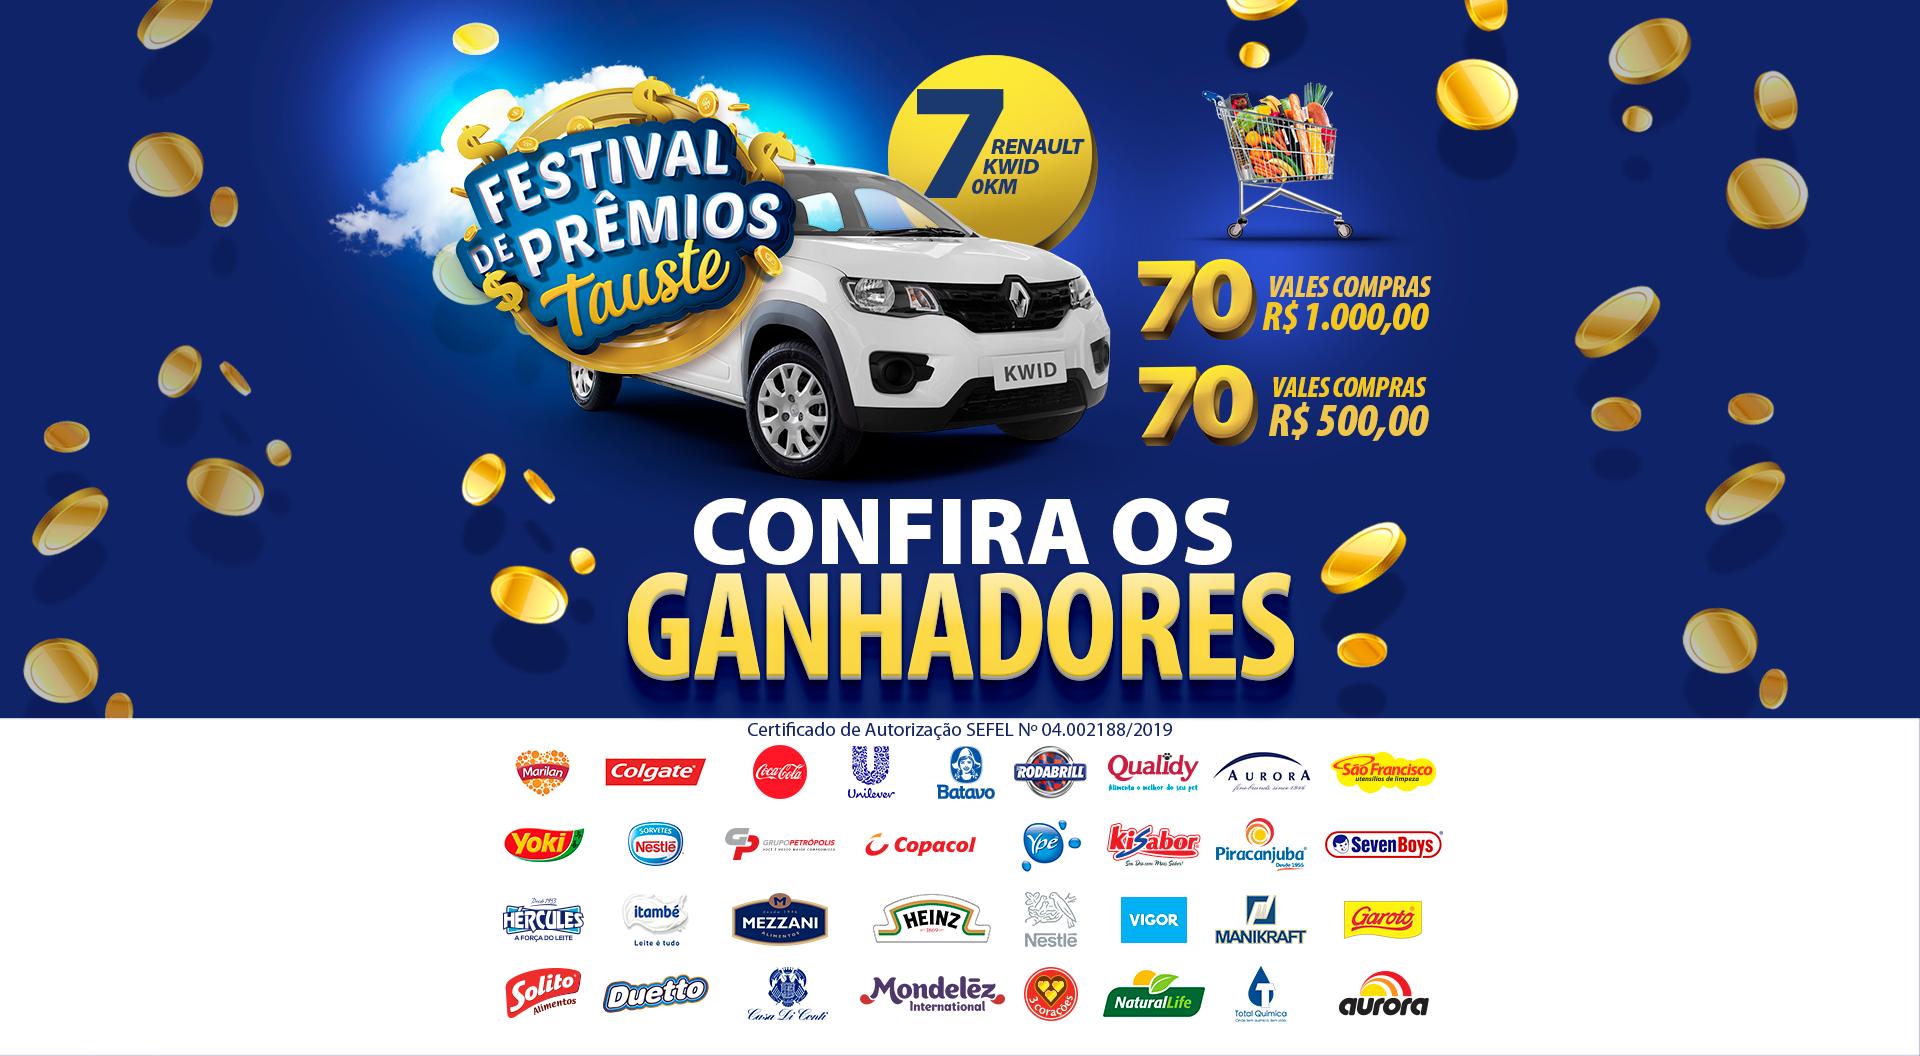 """Ganhadores """"Festival de Prêmios Tauste"""" 2019 - ENCERRADA"""